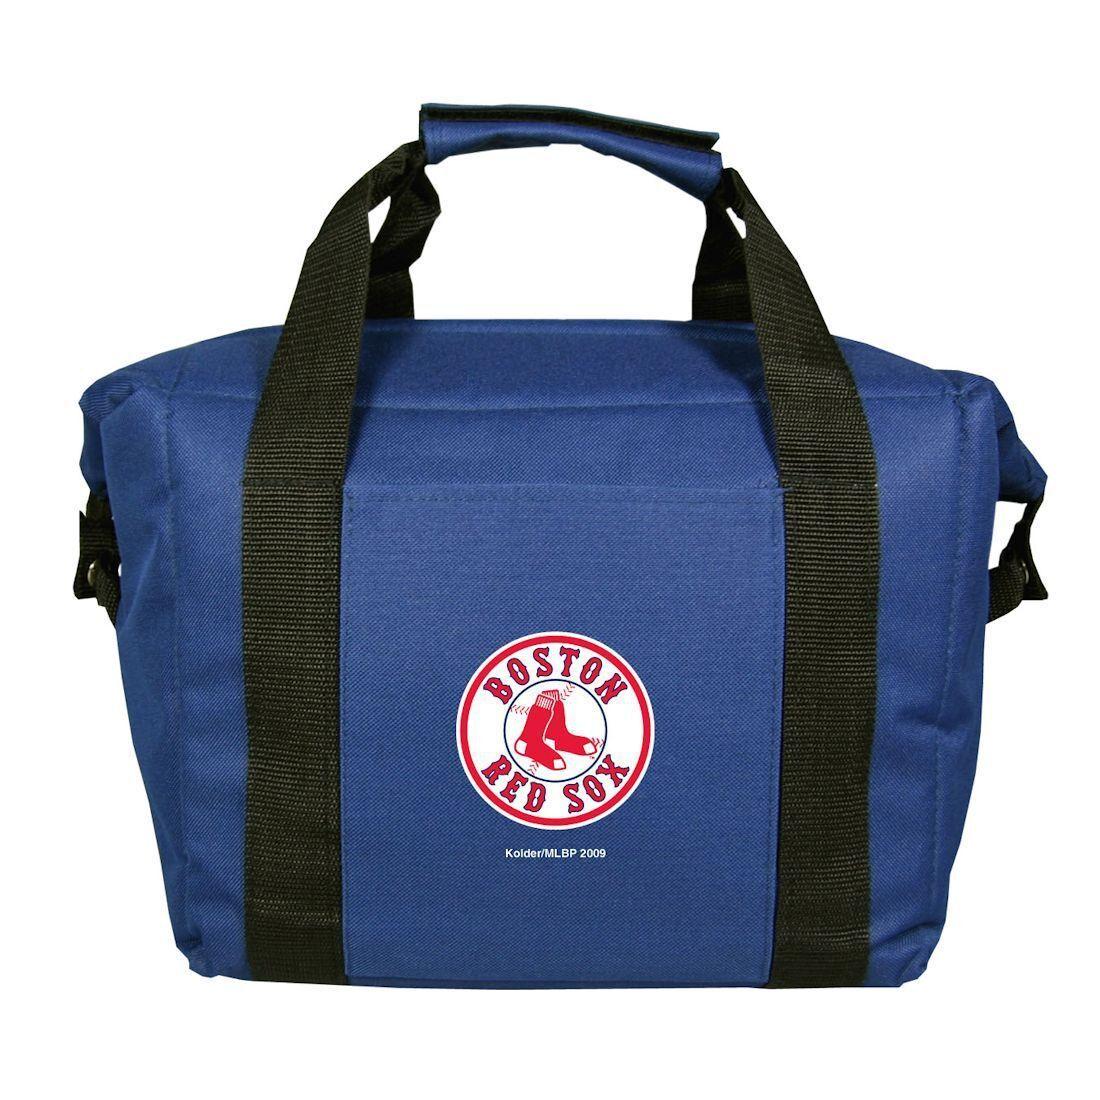 Boston Red Sox Kolder 12 Pack Cooler Bag  MLB Kooler Tailgat